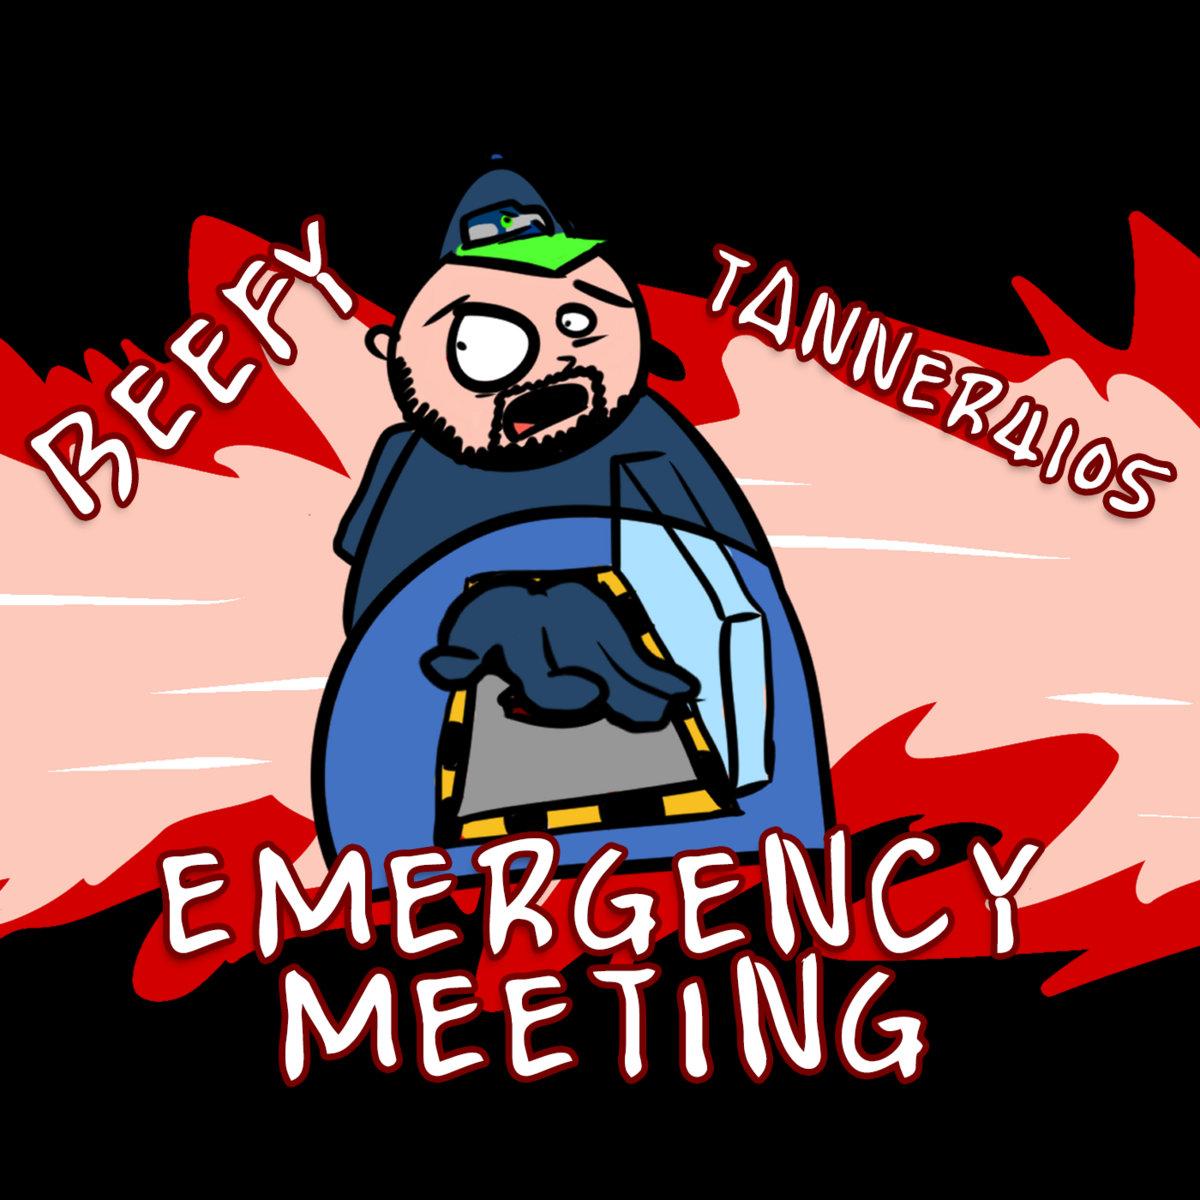 Emergency Meeting Beefy